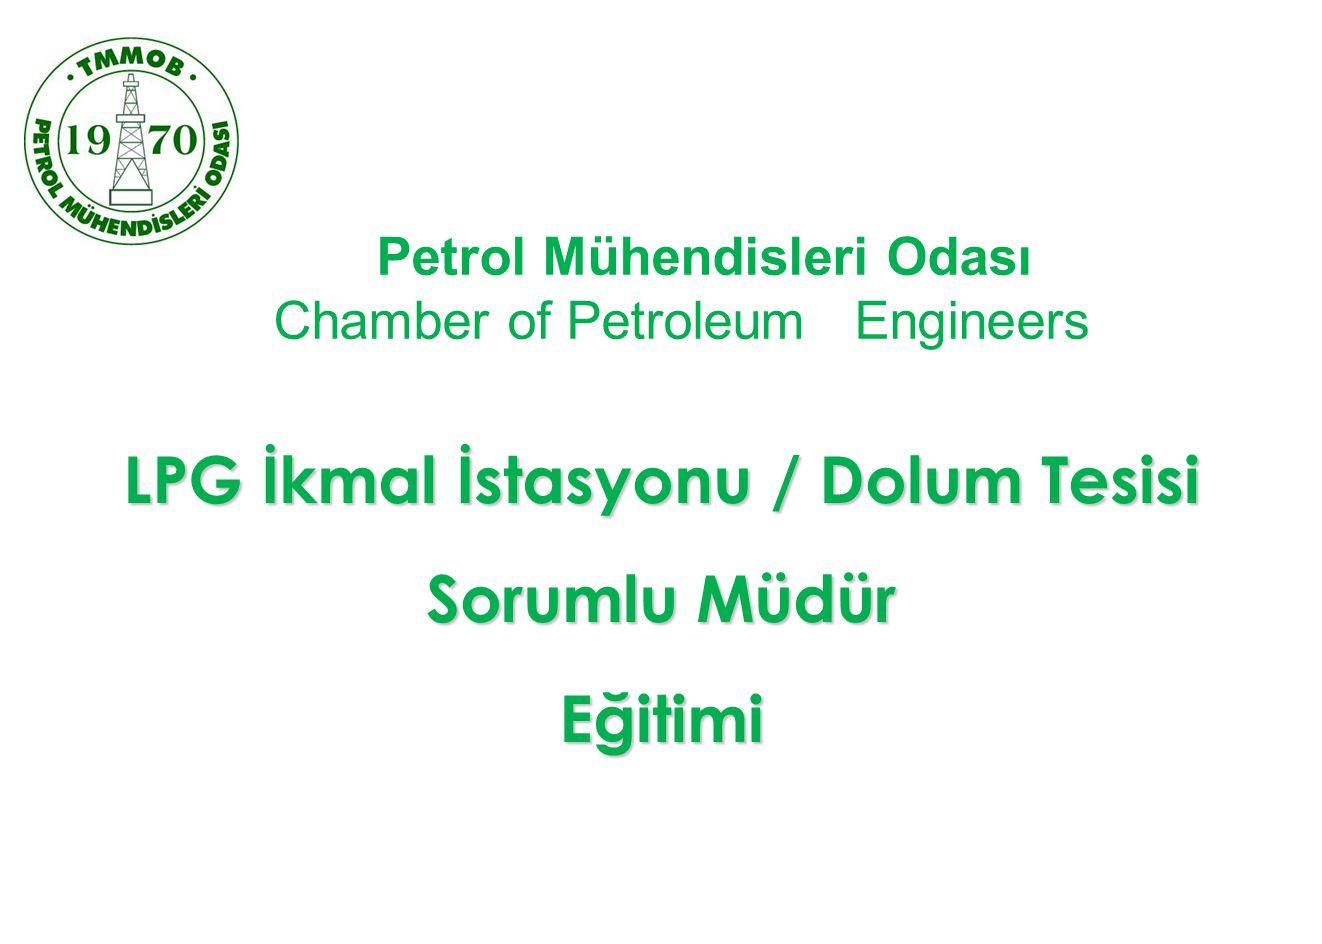 - LPG İkmal İstasyonu / Dolum Tesisi Sorumlu Müdür Eğitimi LPG Otogaz İstasyonunda/Dolum Tesisinde çalışan sorumlu müdür 15 gün önceden feshi ihbarda bulunmak suretiyle sözleşmeyi tek taraflı olarak feshedebilir.